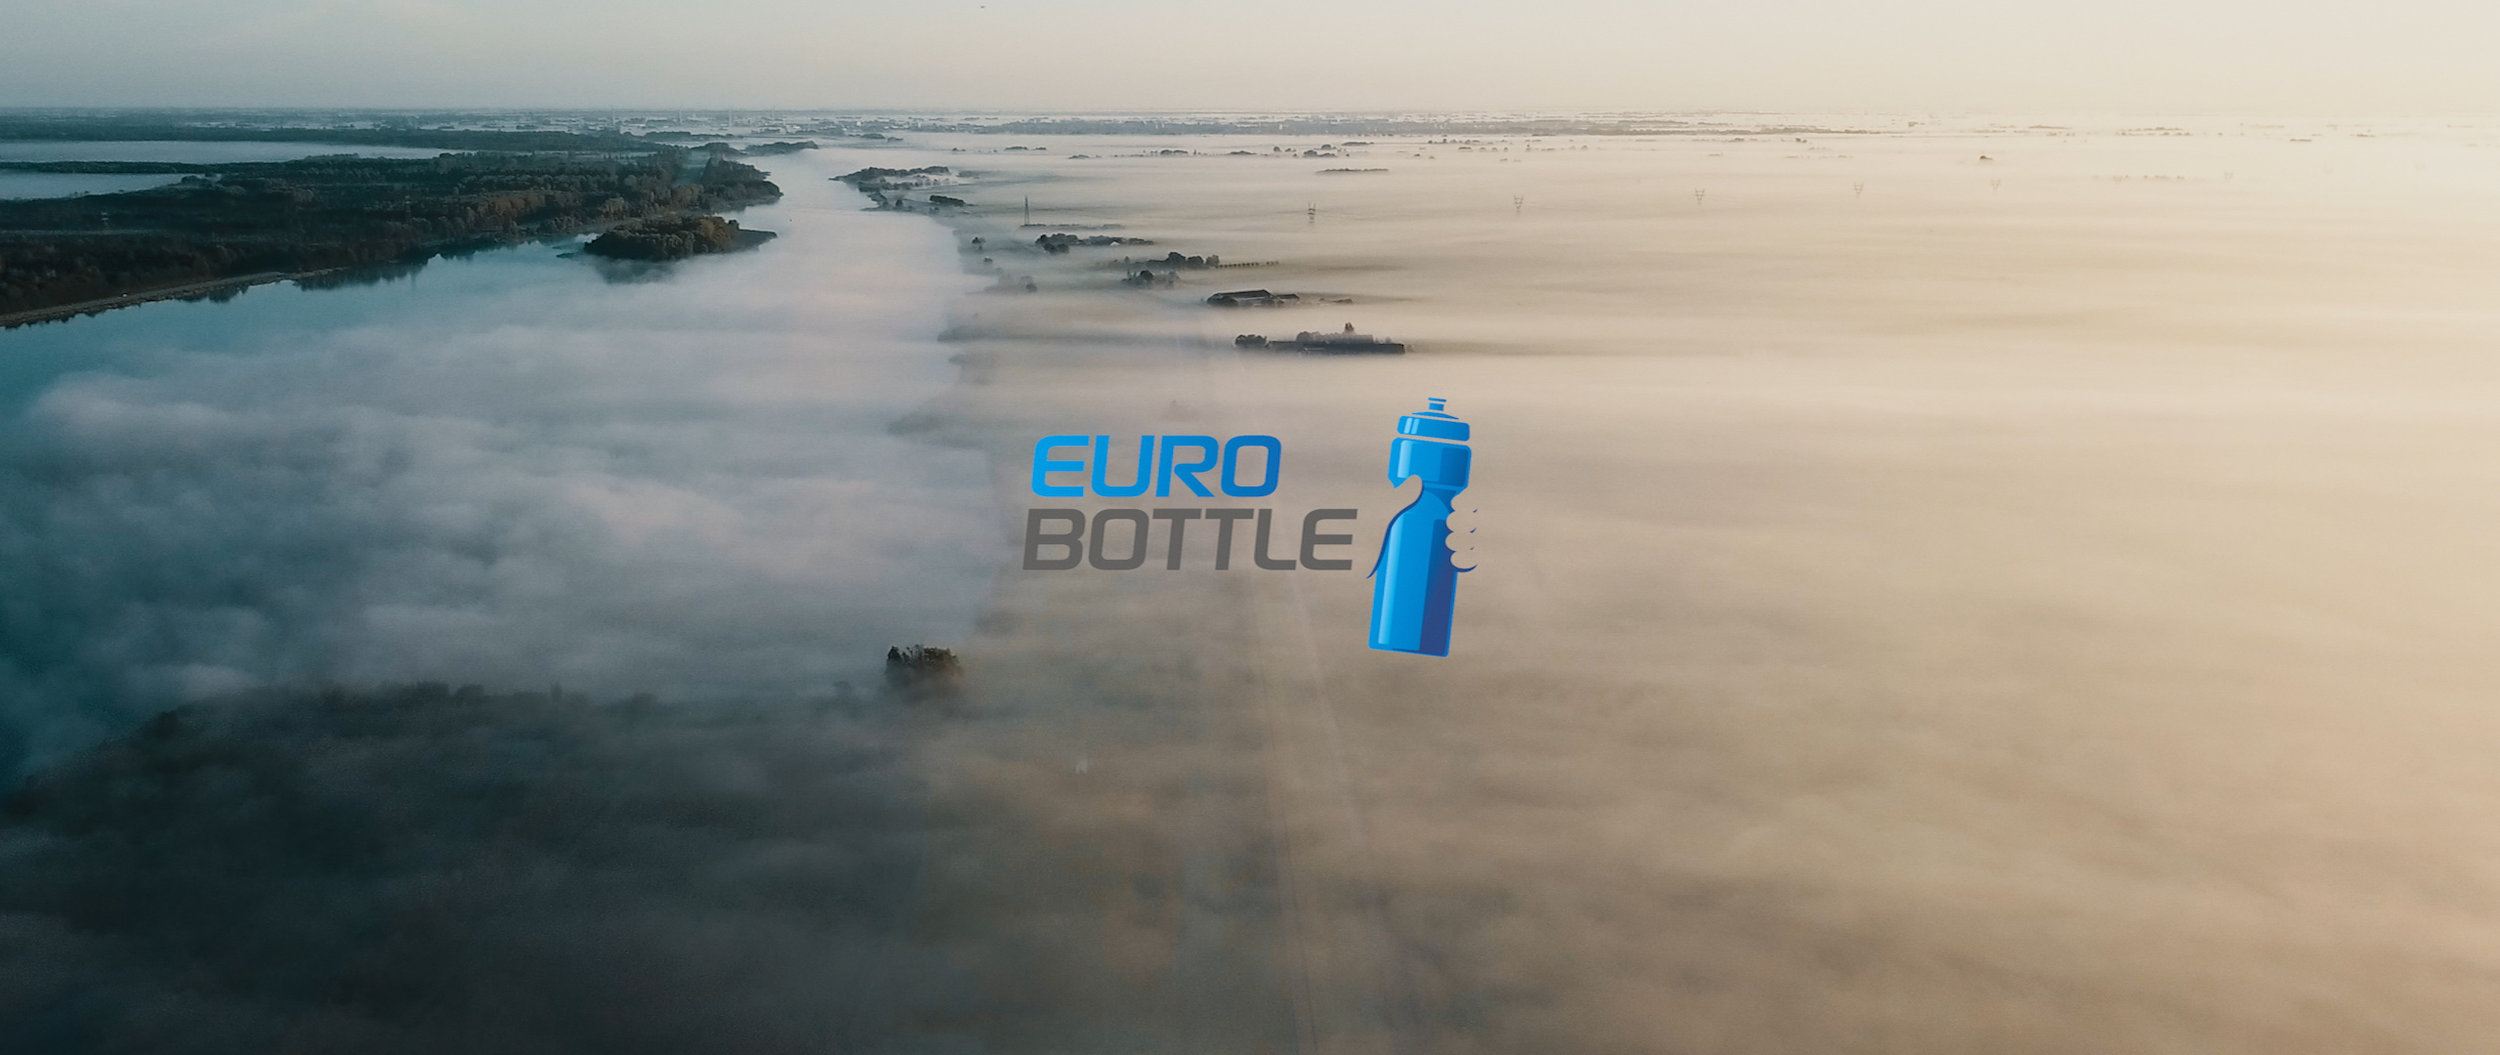 eurobottle11.jpg